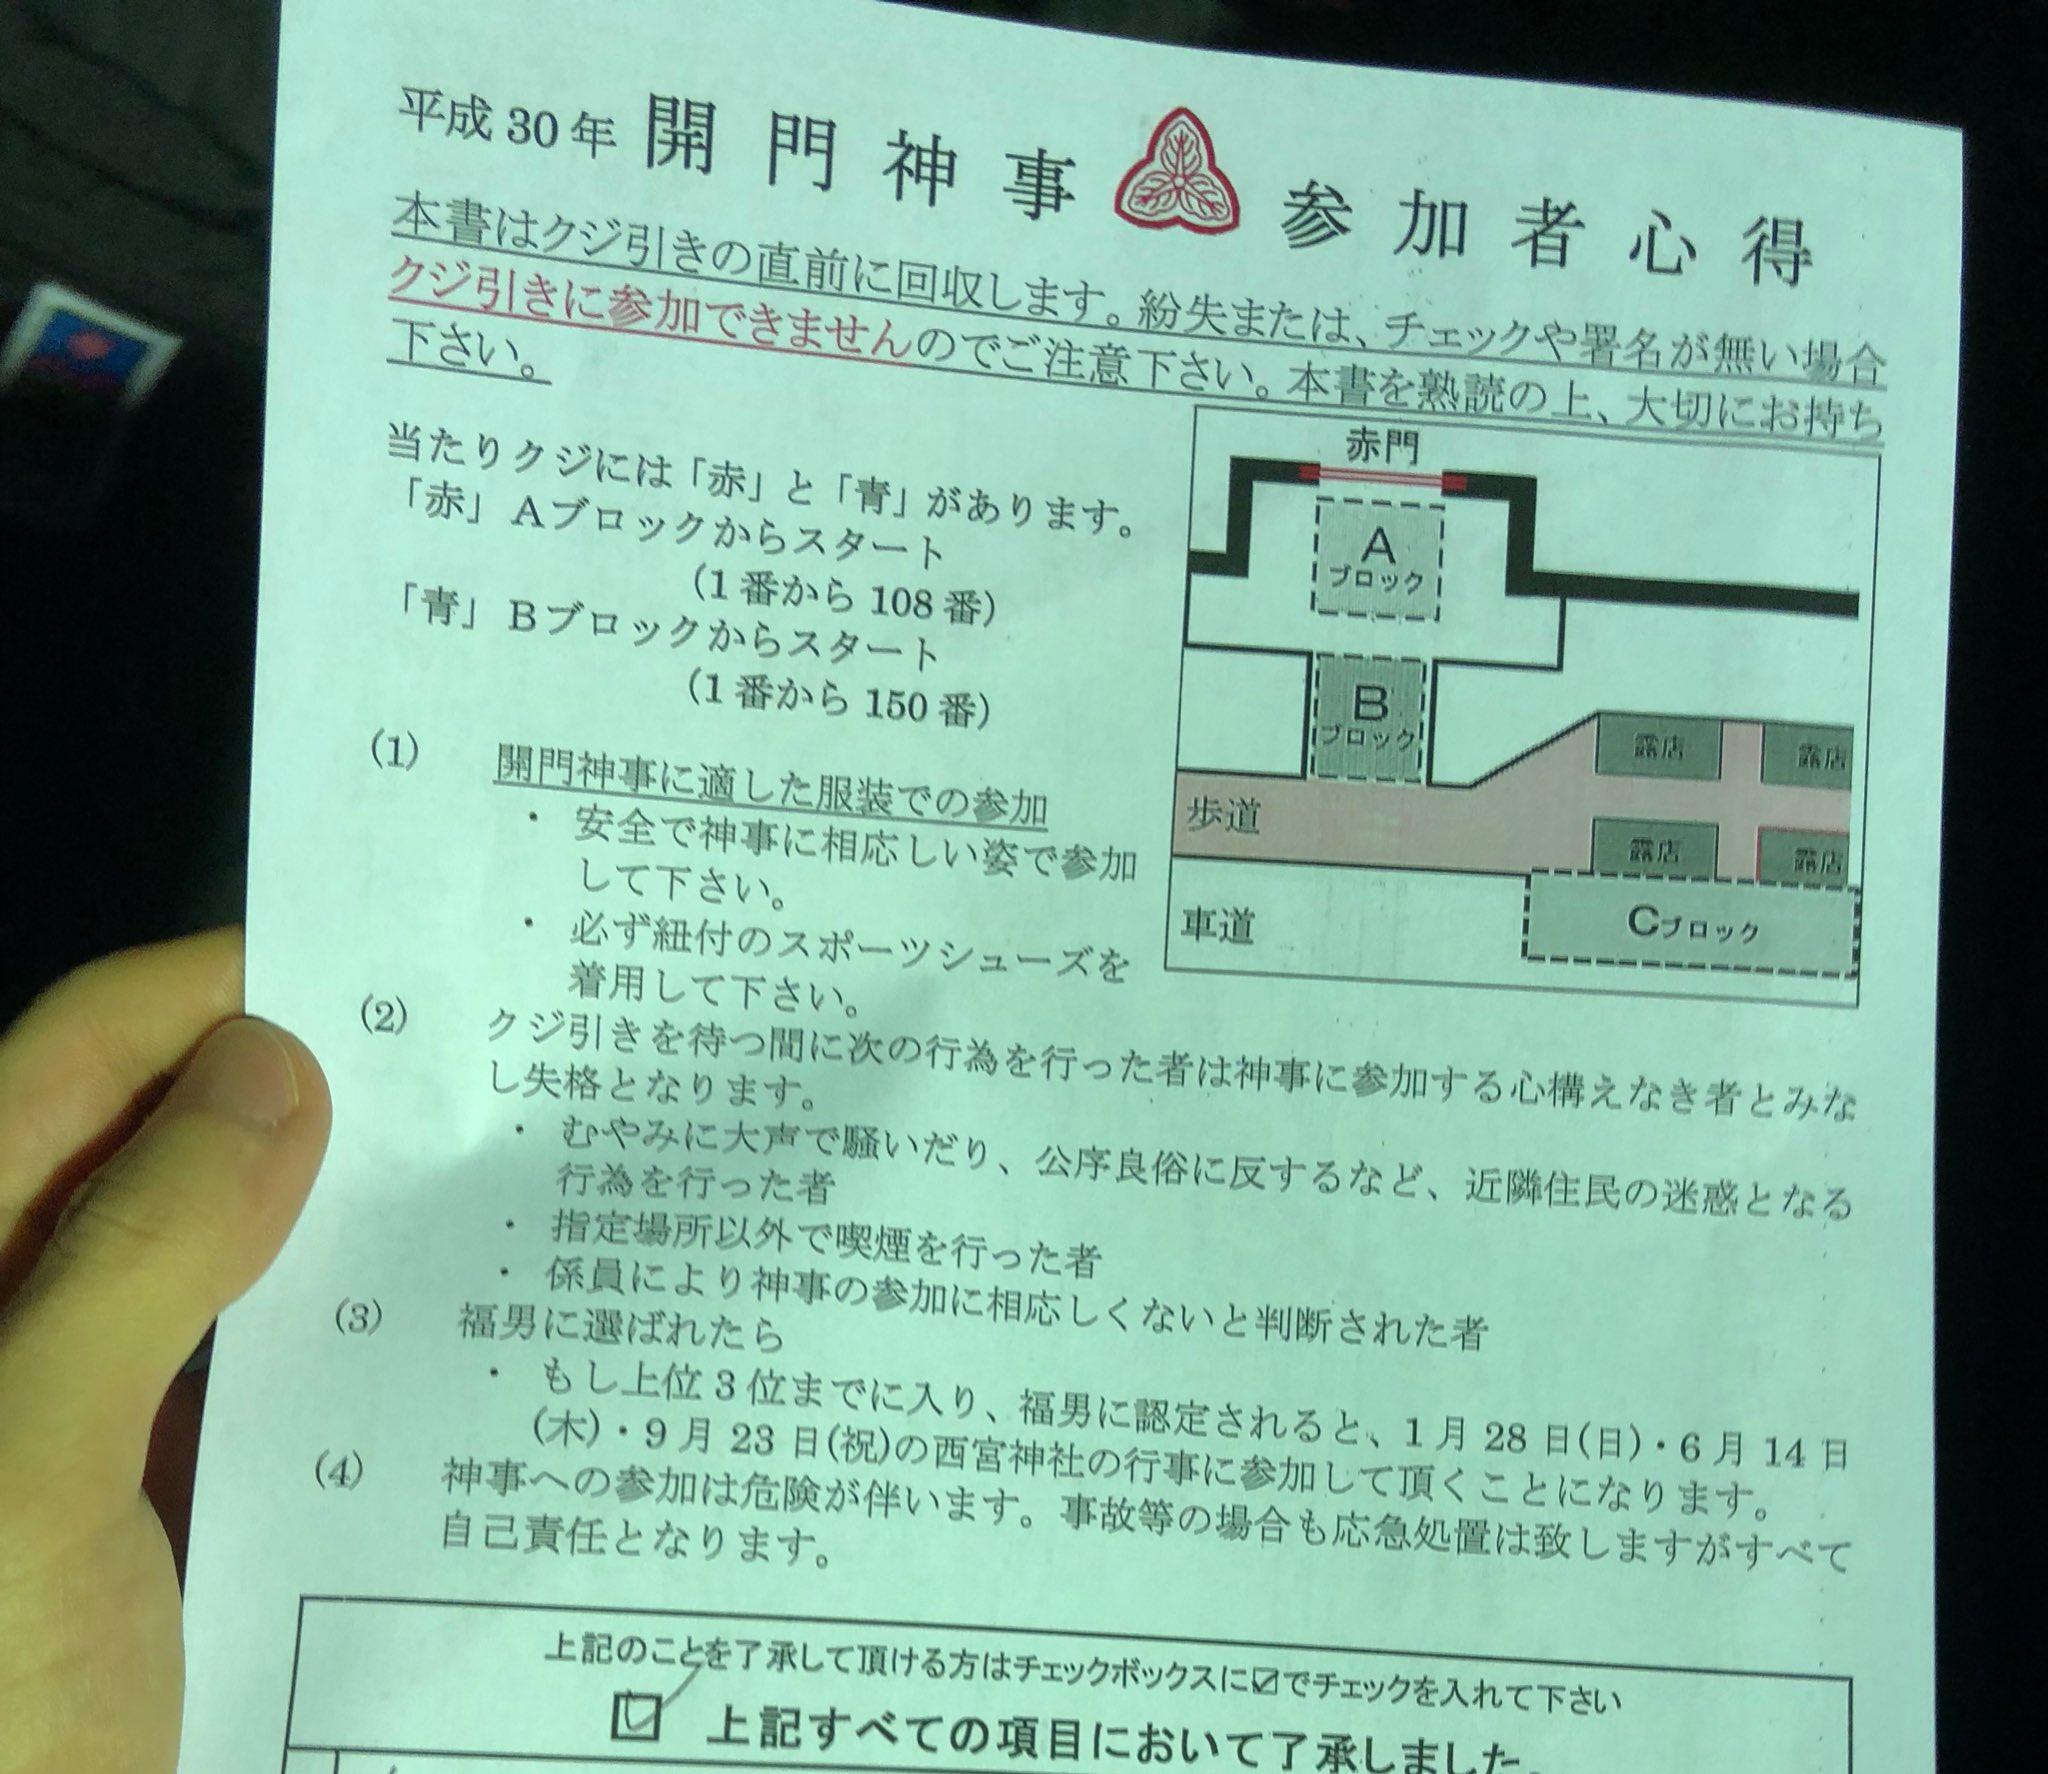 画像,ただただ寒いそろそろ抽選かなー#福男 #西宮神社 https://t.co/DYHjYm82om。